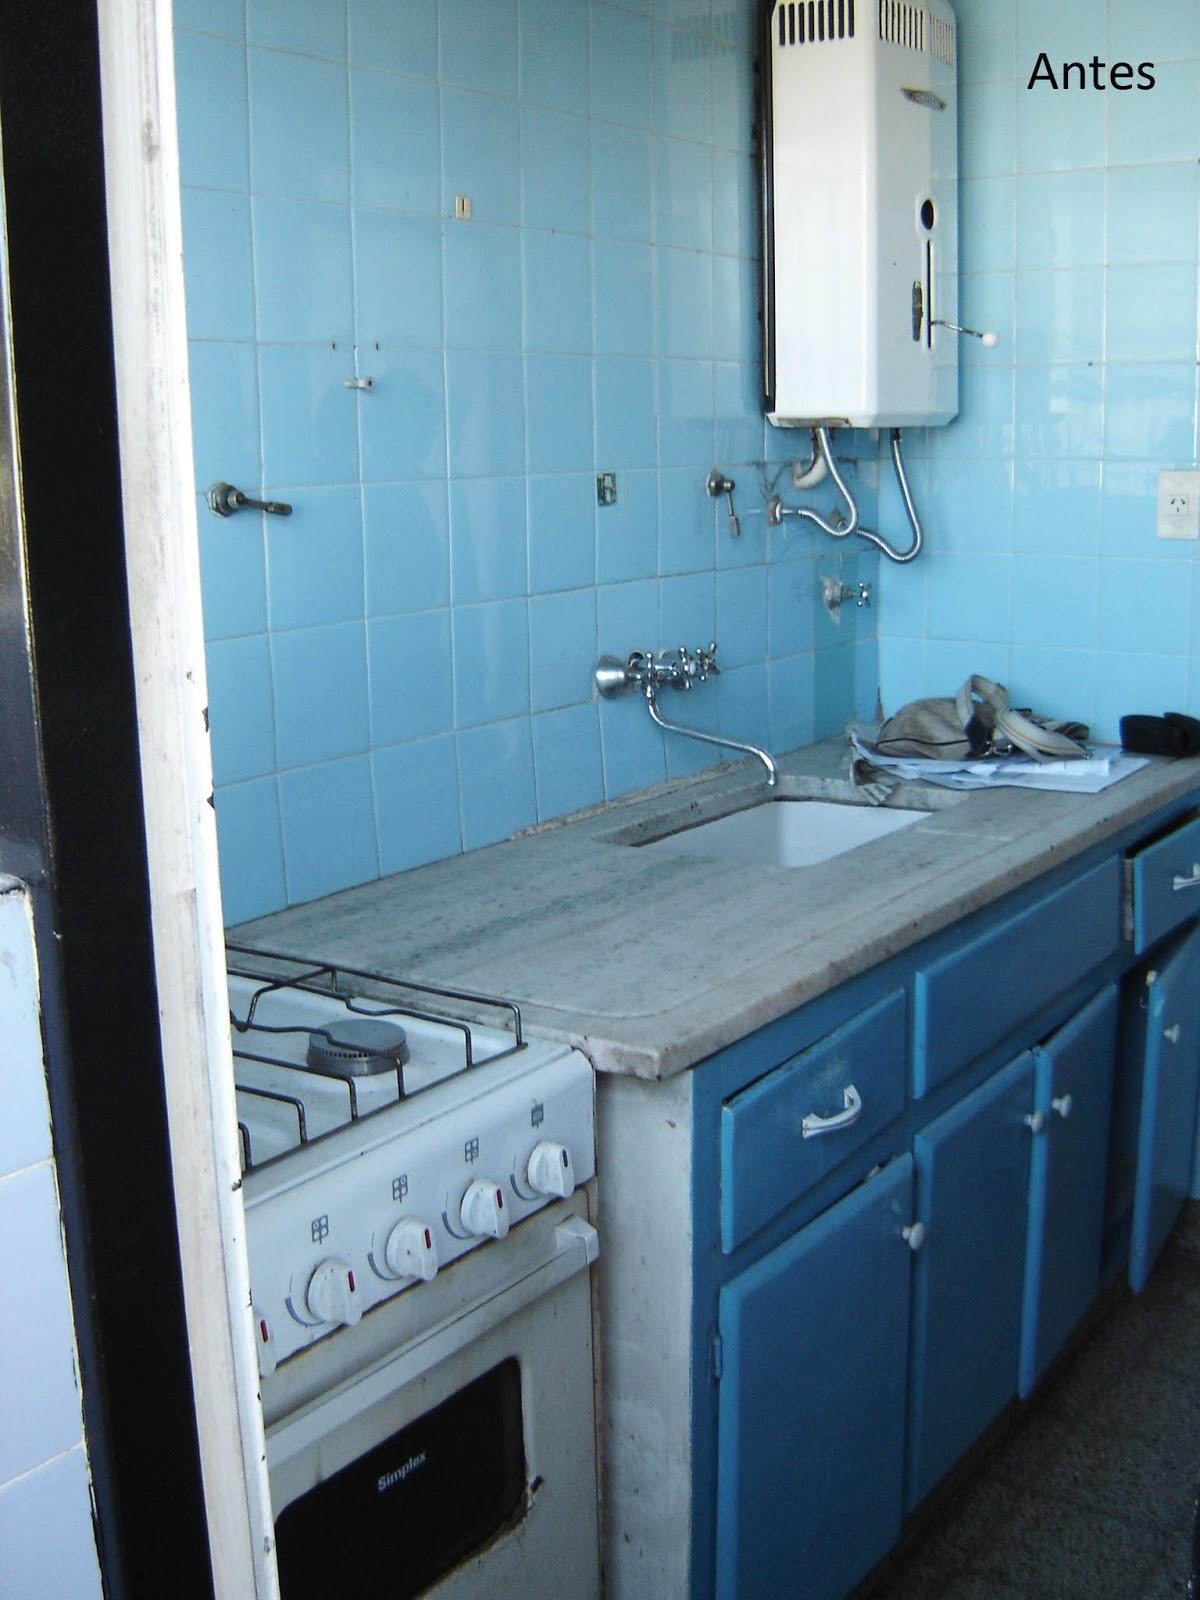 Remodelaciones cocina y lavadero artigas remodelaciones for Remodelacion de casas pequenas fotos